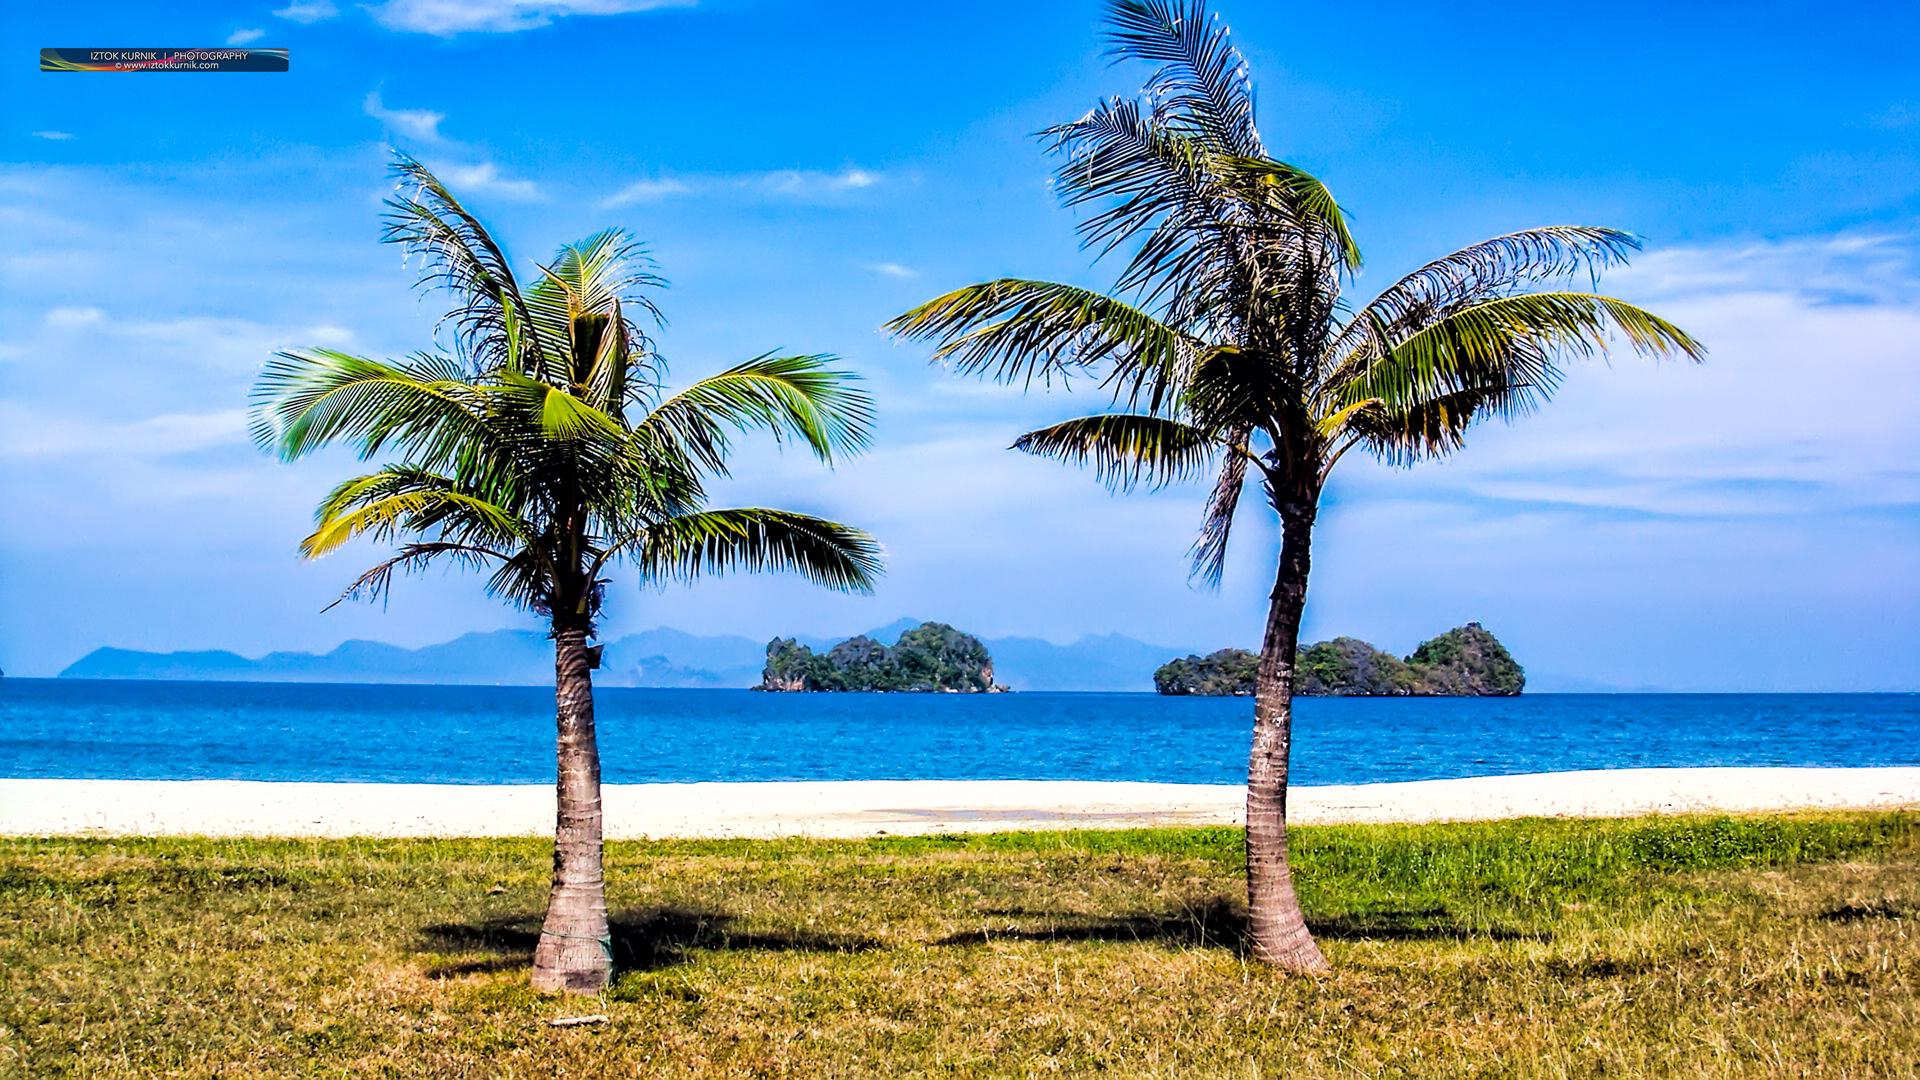 Sfondi Del Desktop Viaggio Sfondo Turismo Spiaggia Natura